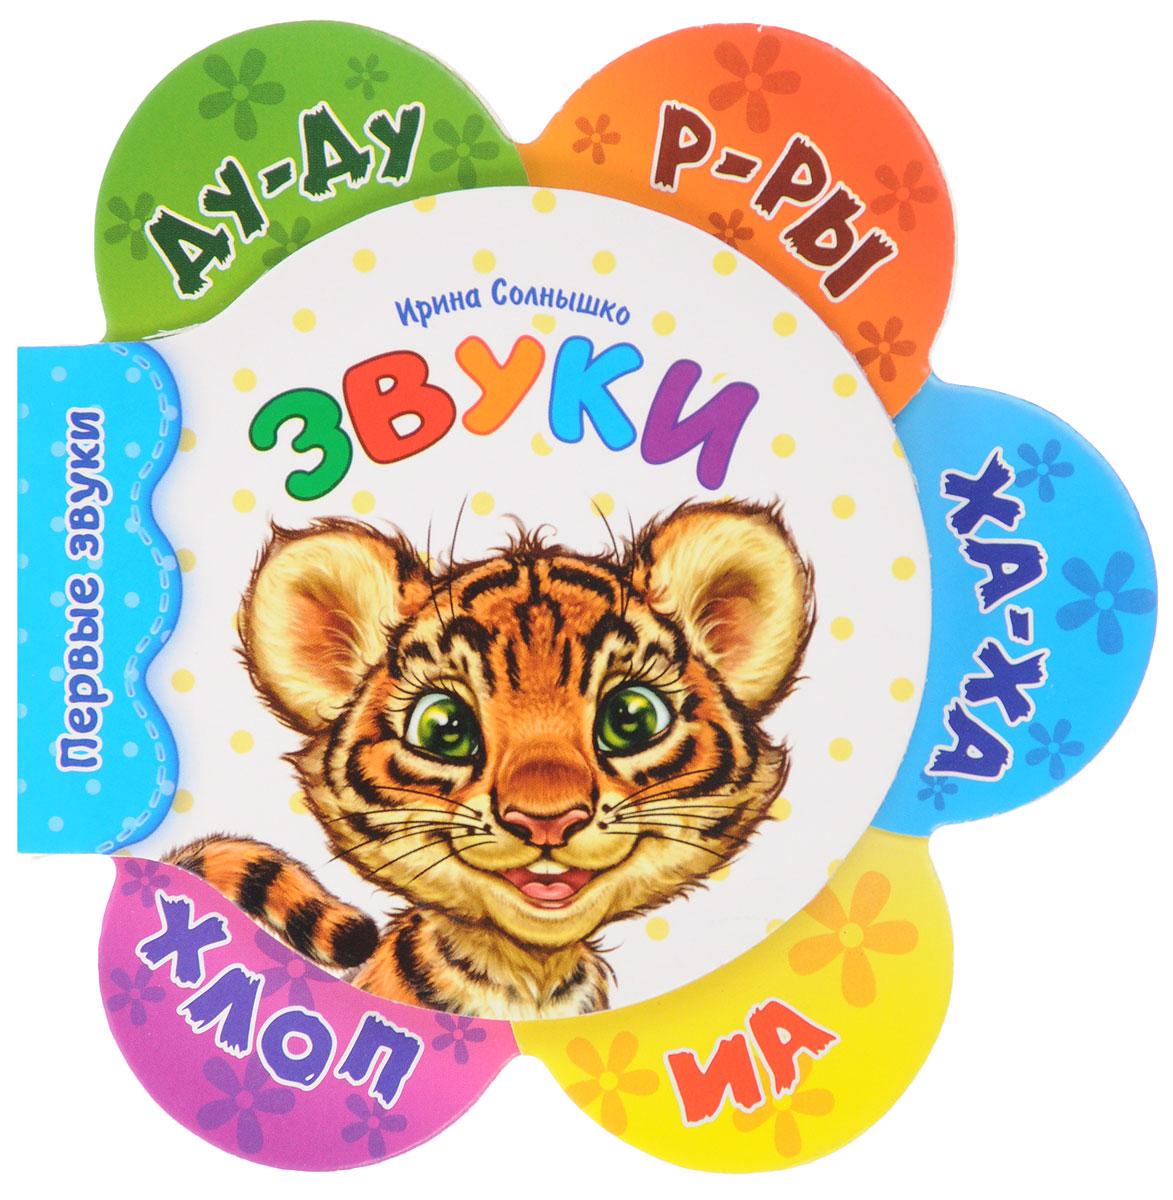 Ирина Солнышко Звуки. Книжка-игрушка ирина каюкова хорошо сдрузьями